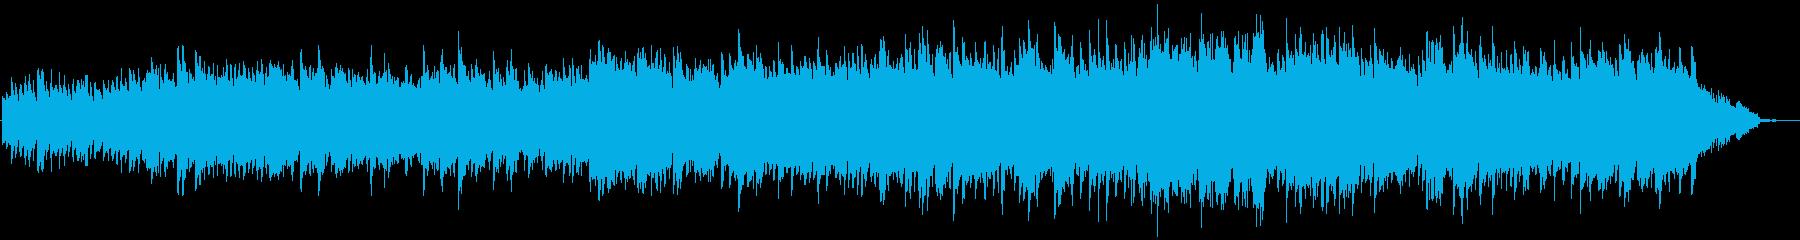 生ヴァイオリン!パッヘルベルのカノンの再生済みの波形